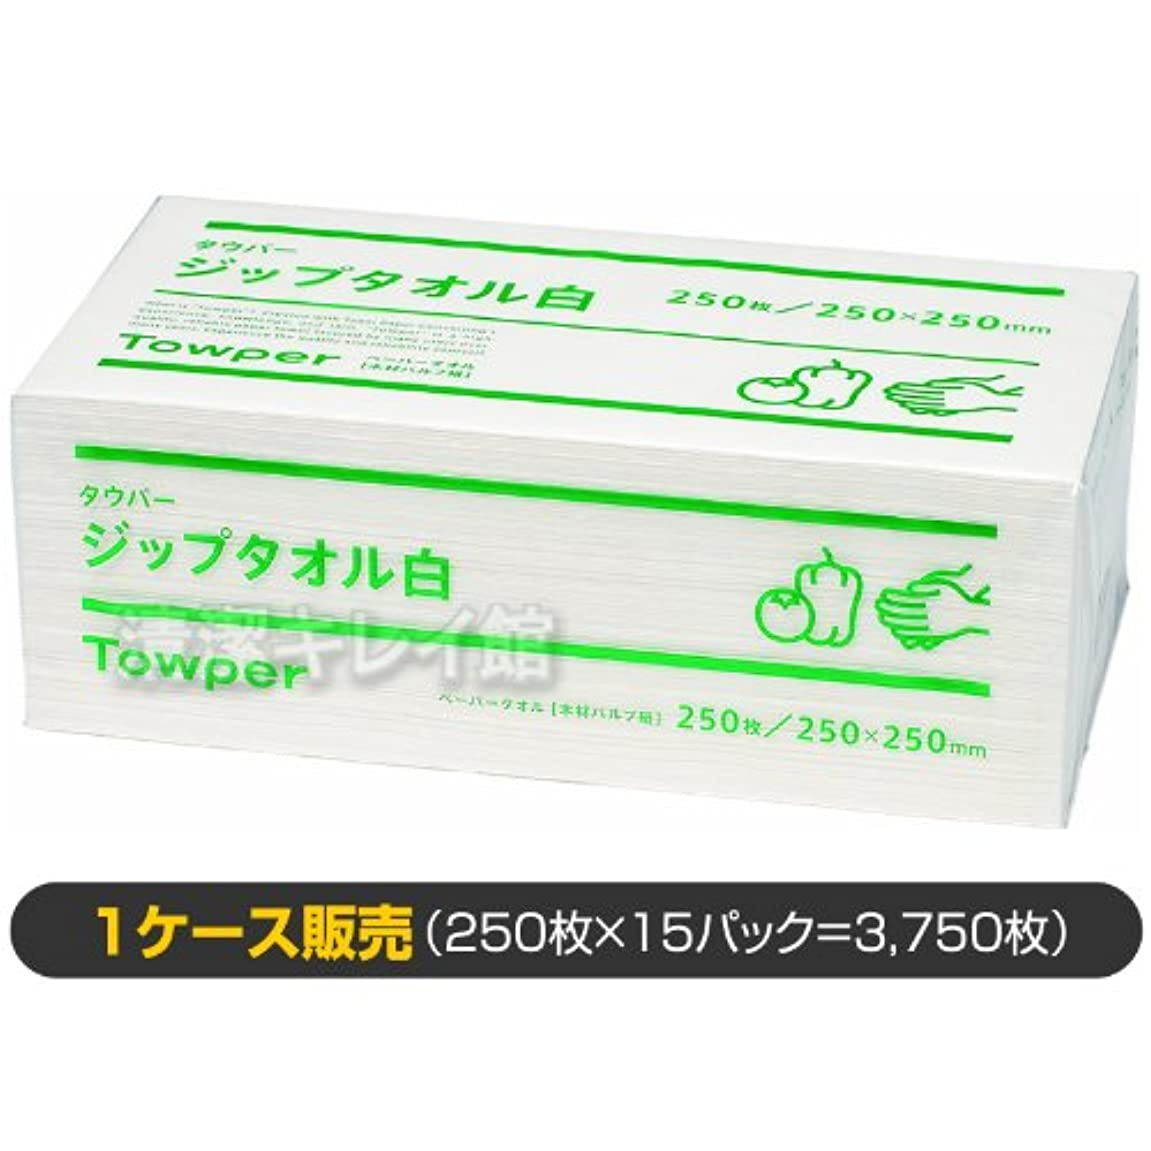 寄り添うロック良さペーパータオル ジップタオル(白) /1ケース販売(清潔キレイ館/大判サイズ用)